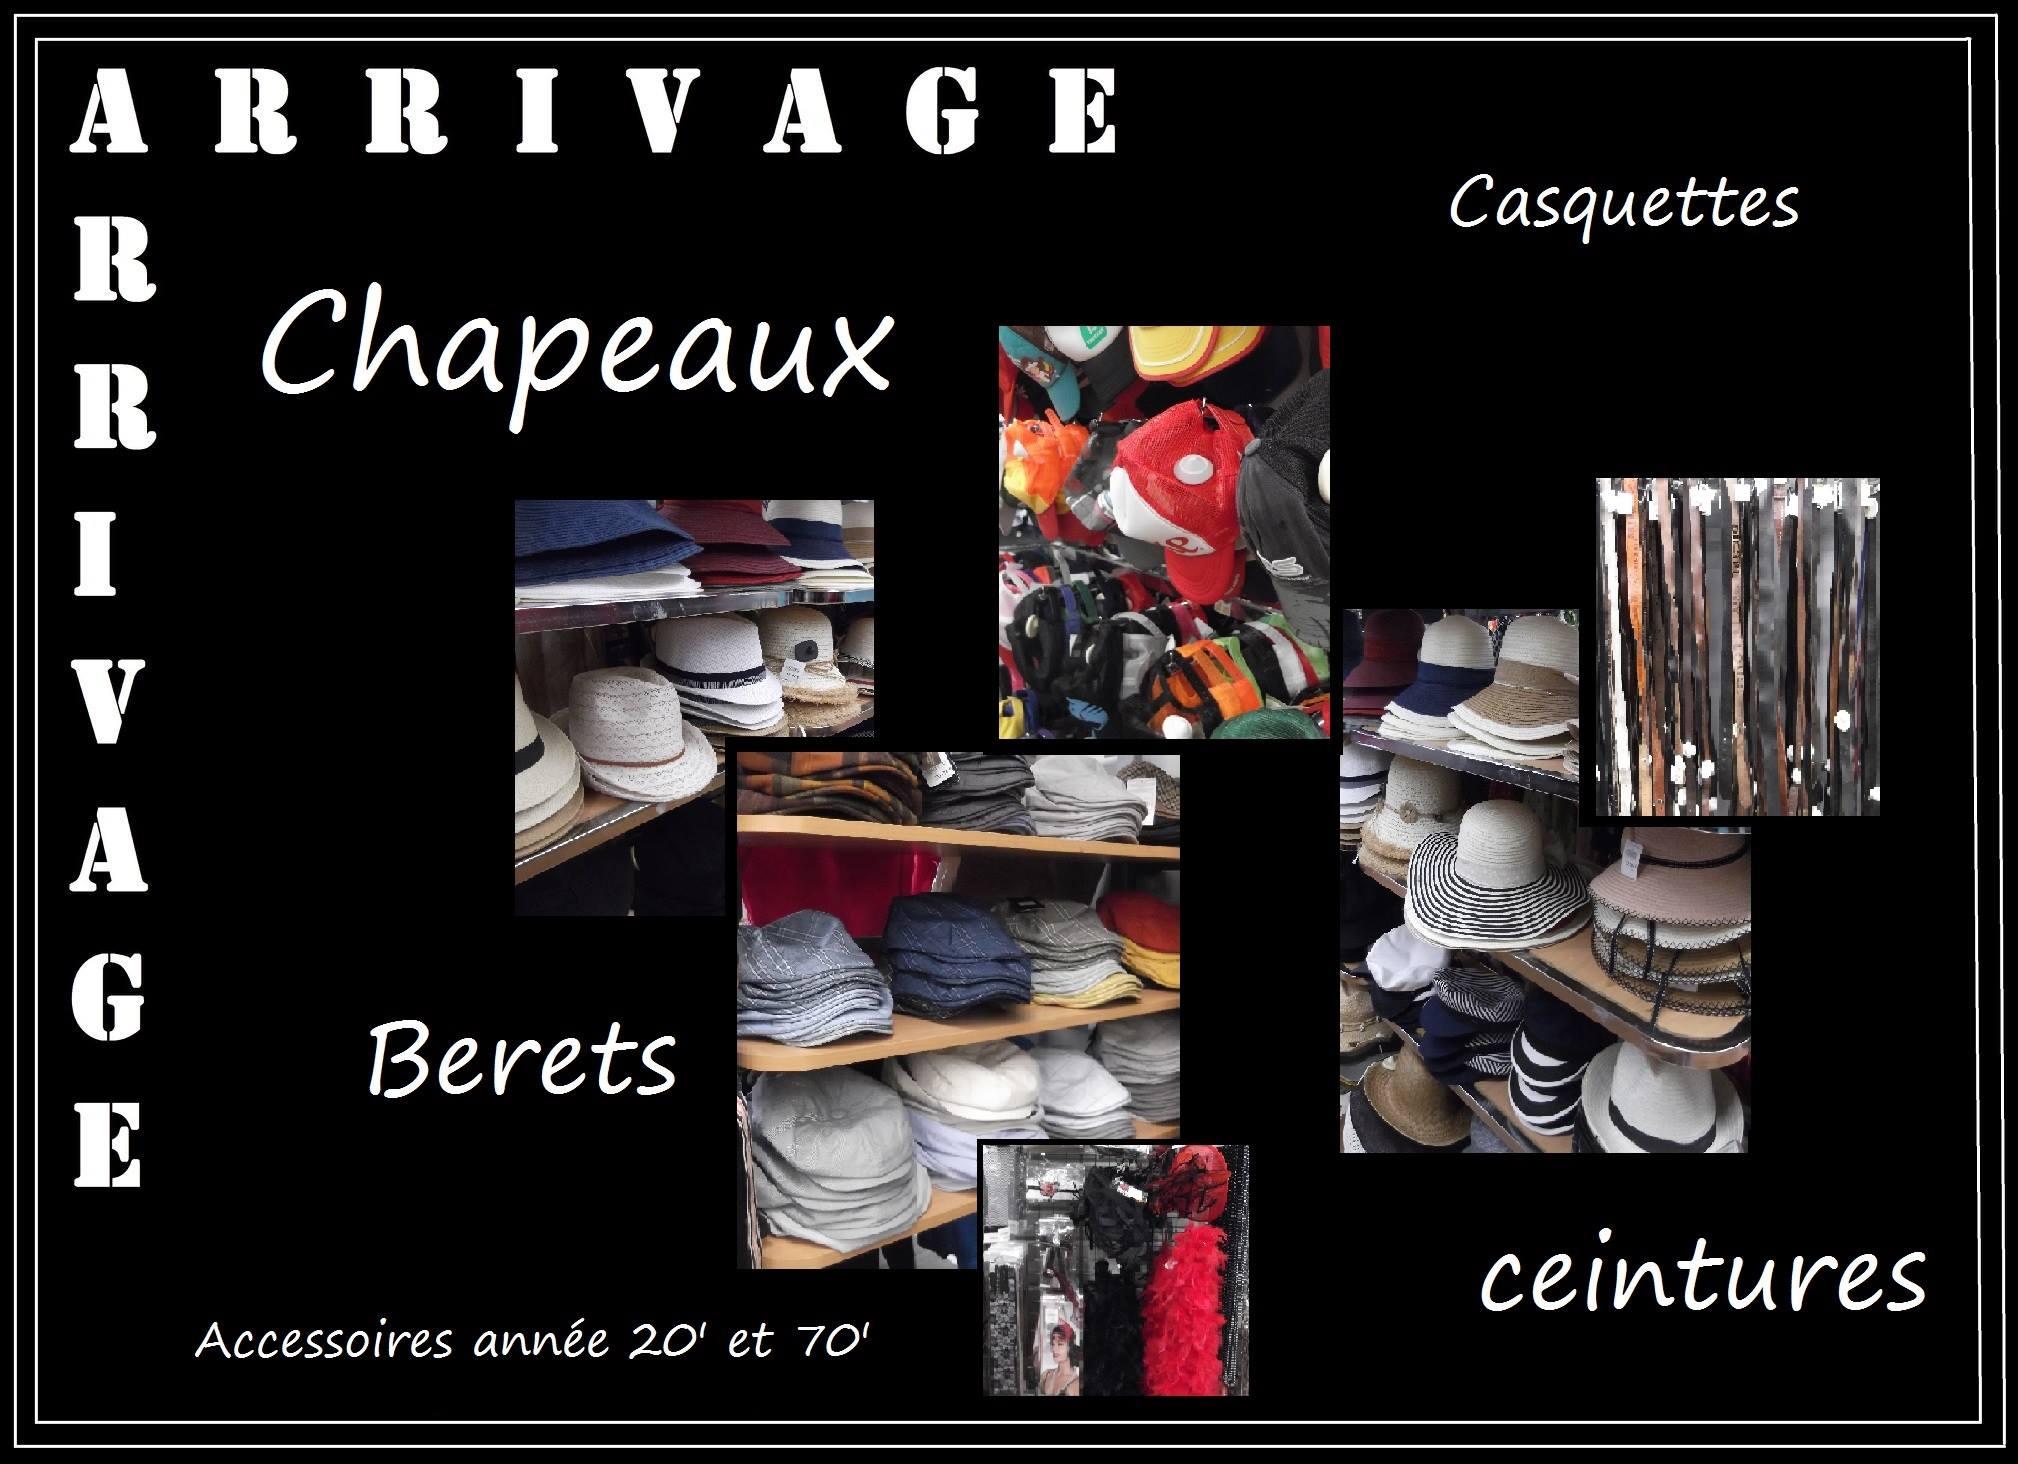 accessoires vintage Le Mans